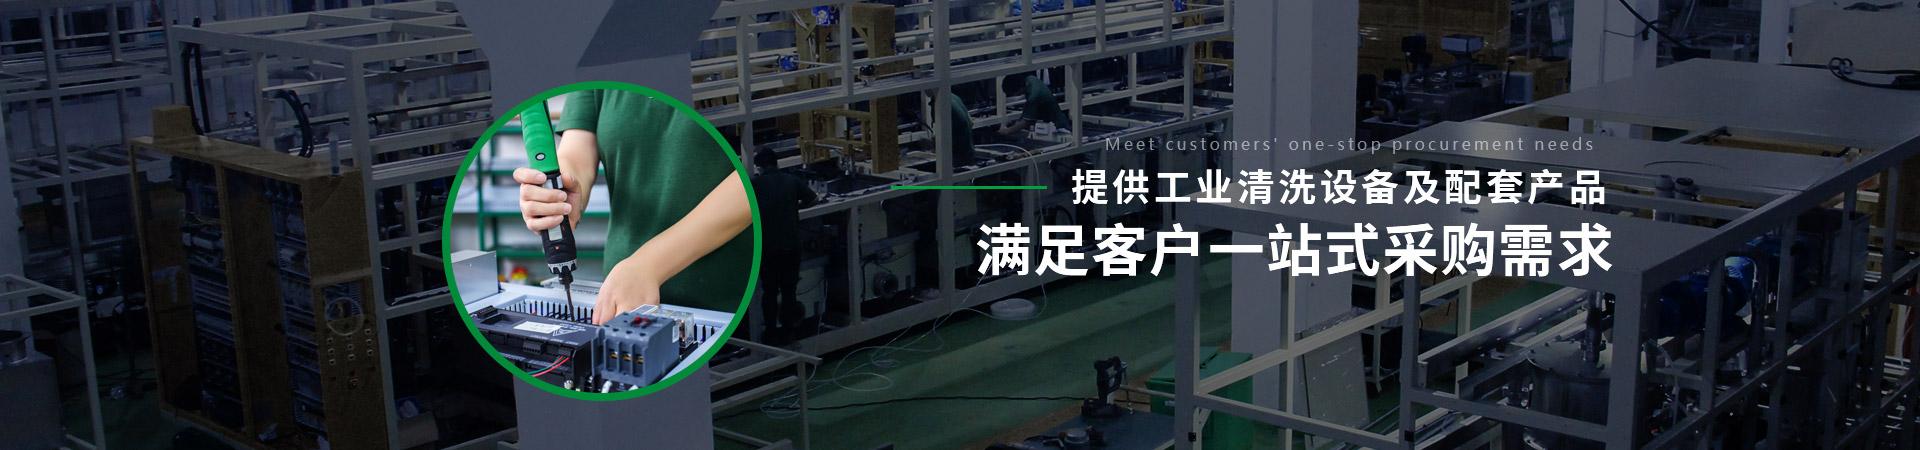 鑫承诺-提供工业清洗设备及配套产品